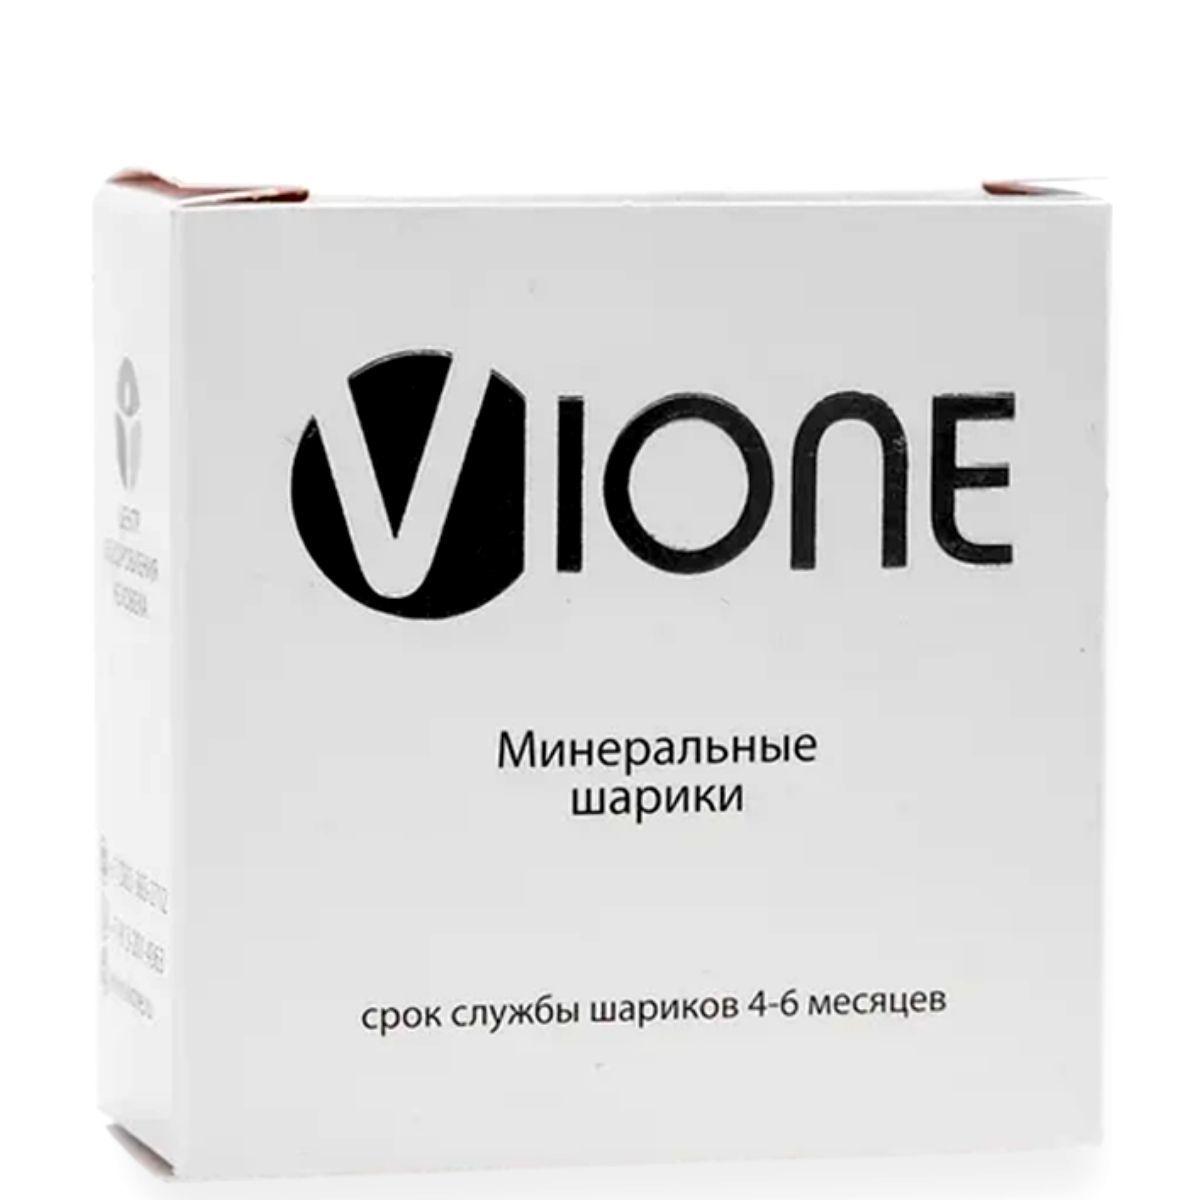 Комплект минералов для генератора водородной воды Vione Mineral Bottle